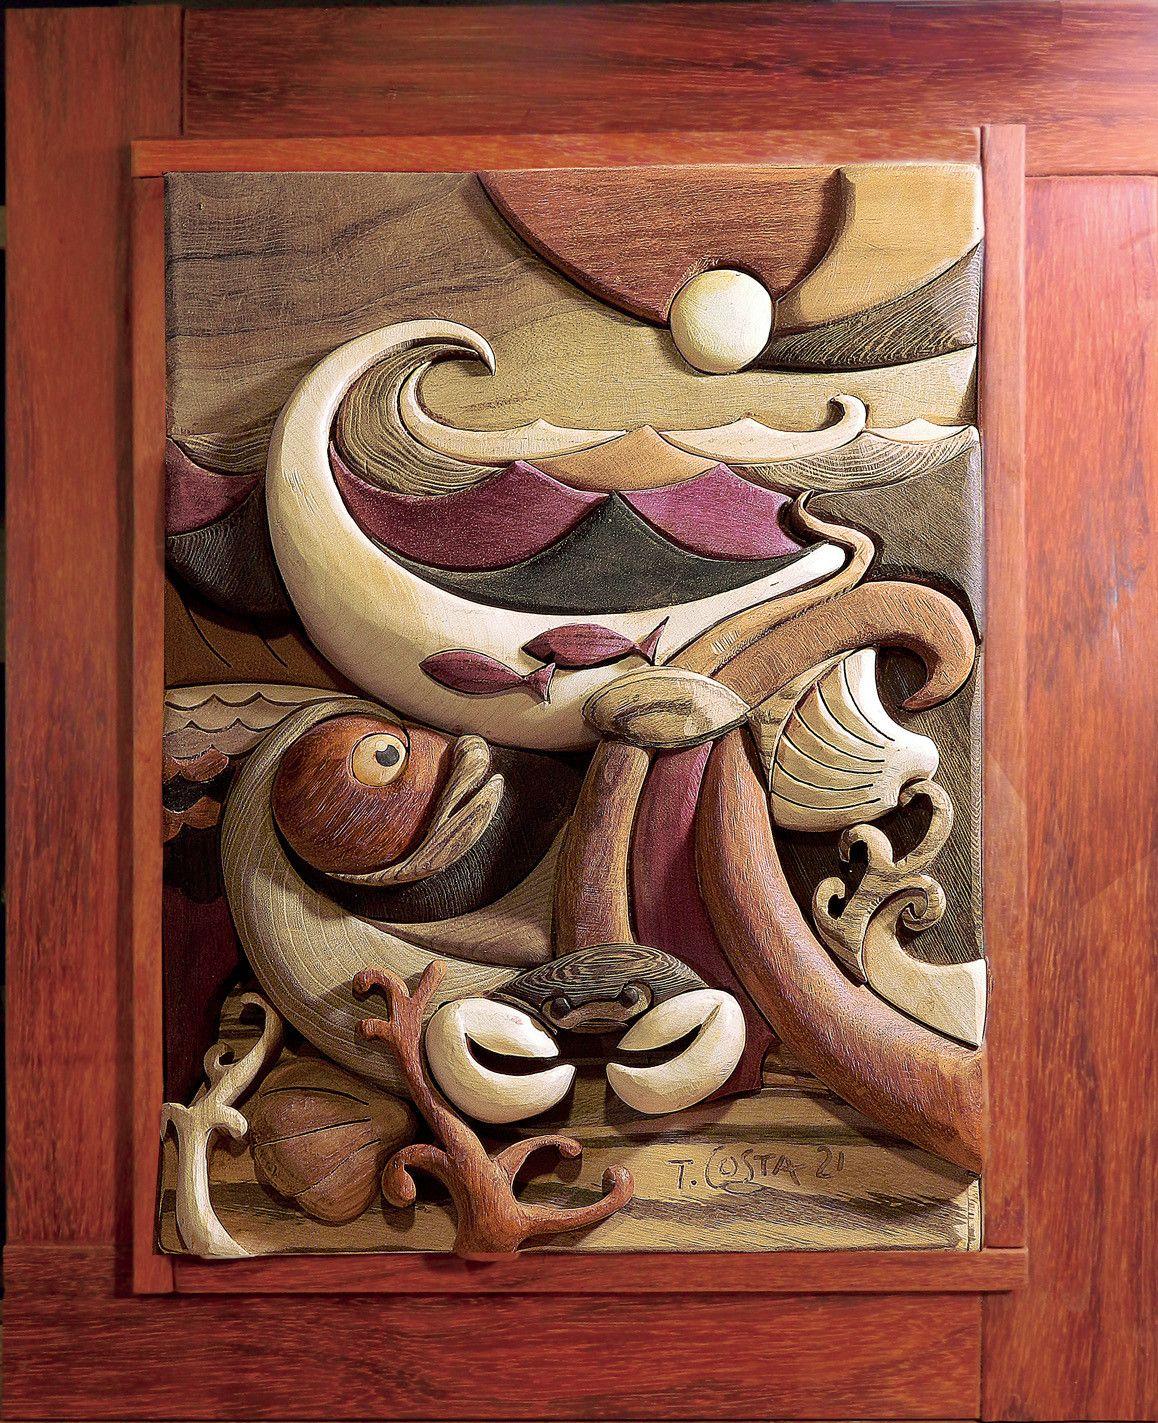 SCULTURA IN LEGNO  TIZIANO COSTA ' COME E PROFONDO IL MARE '  dimensioni L 52 x H 64 cm.